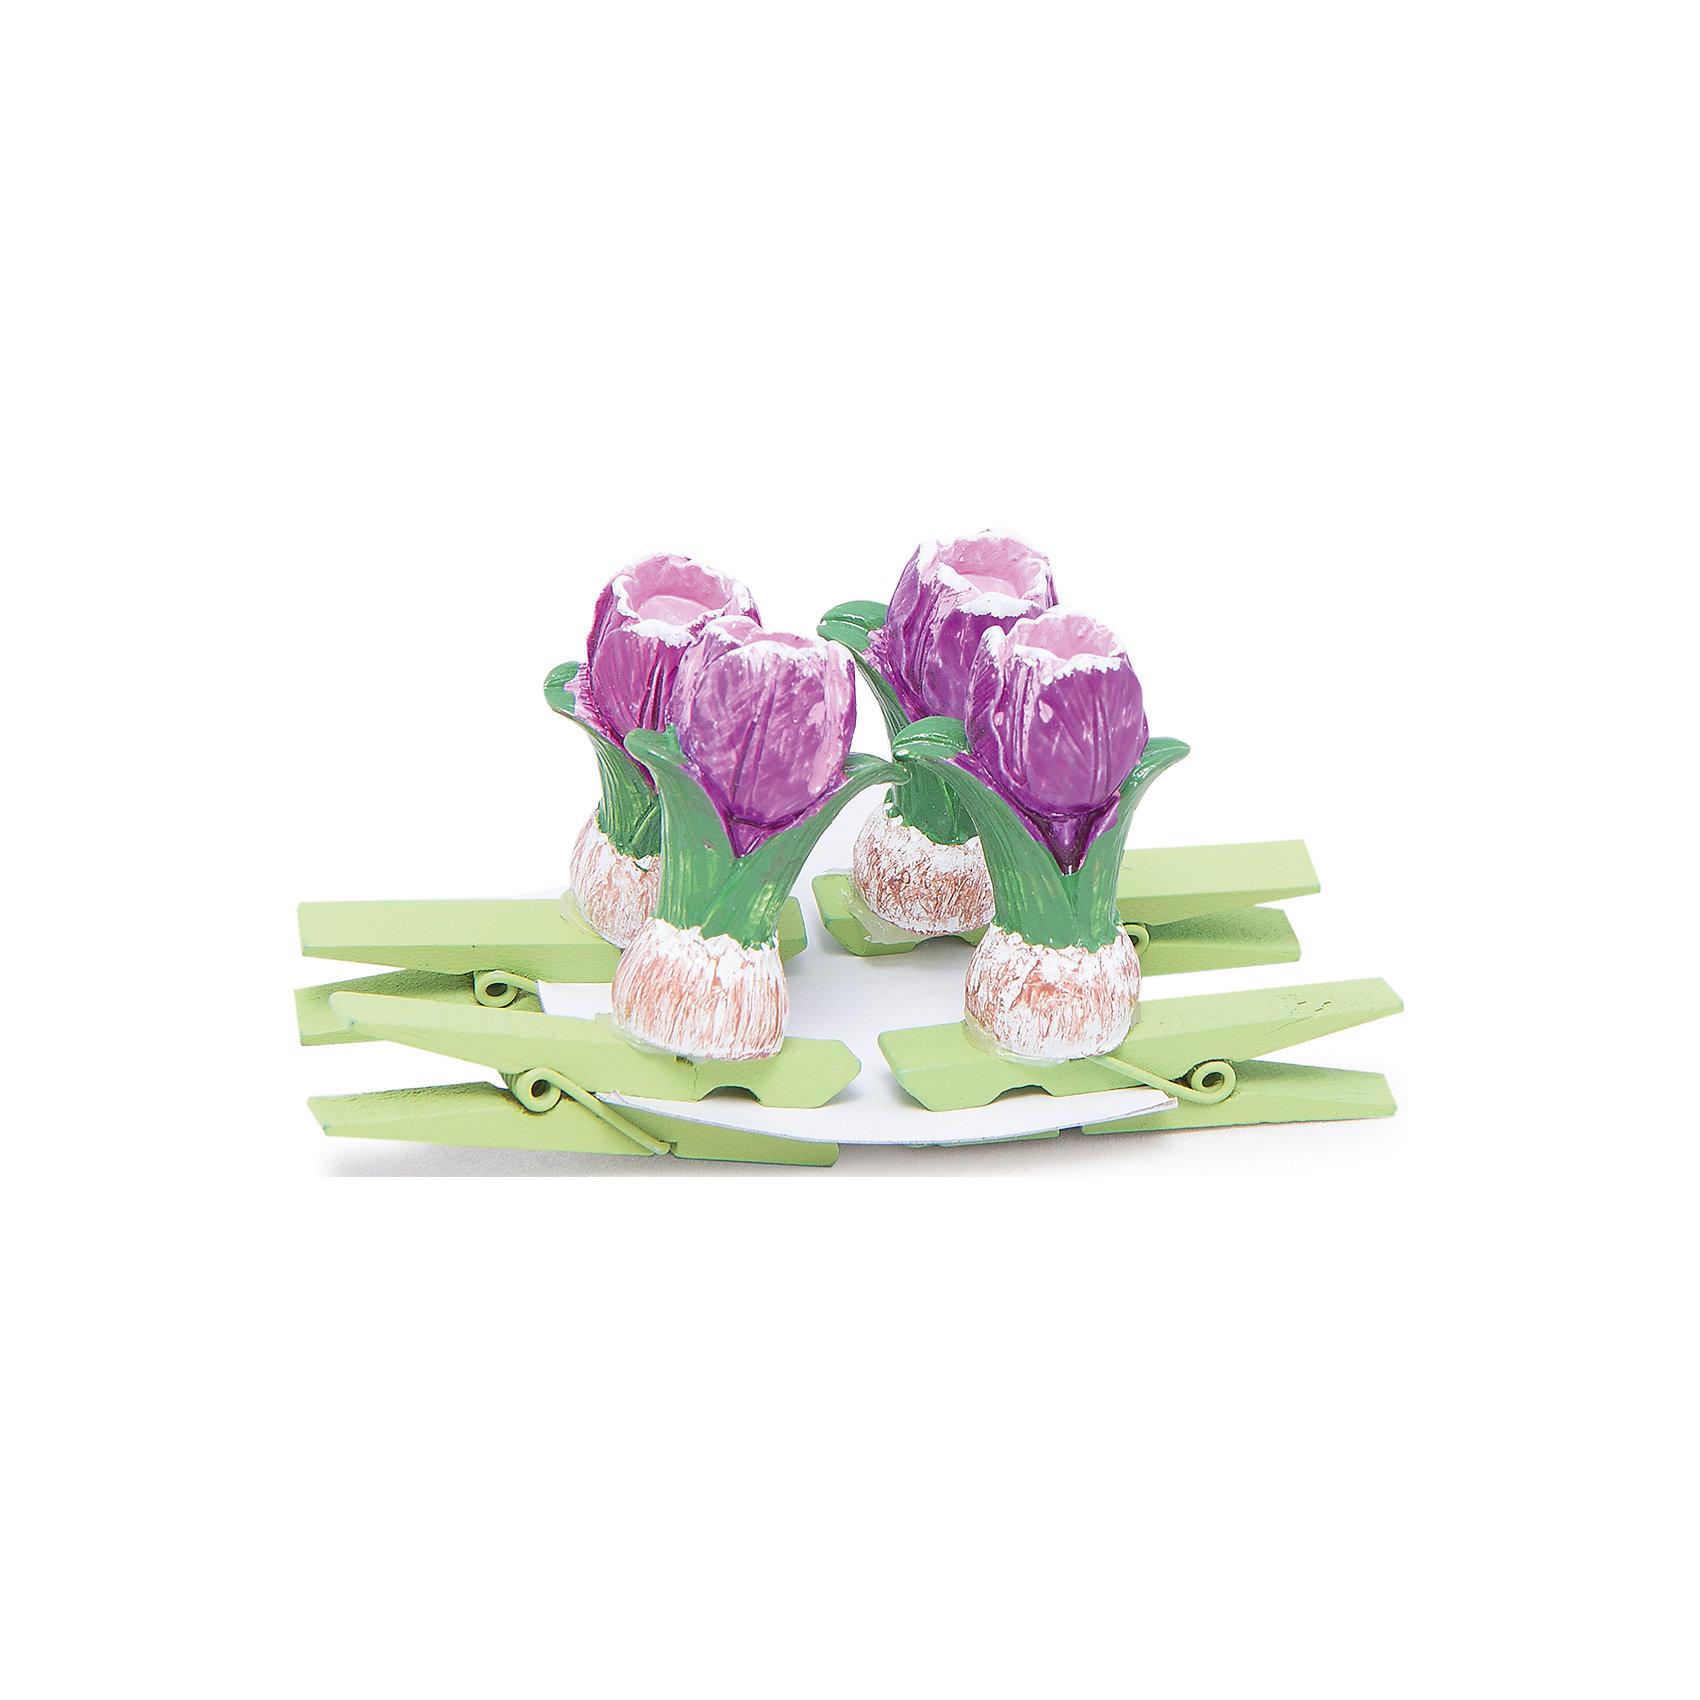 Декоративное украшение Тюльпаны 4 штДетские предметы интерьера<br>Декоративные украшения Тюльпаны замечательно дополнят интерьер дома или офиса и помогут красиво оформить праздник или вечеринку. Украшения выполнены в виде прищепок из древесины березы и декорированы фигурками ярких тюльпанов из полирезины. Они прекрасно подойдут для развешивания на веревке стикеров, различных украшений и маленьких игрушек. В комплект входят 4 украшения. <br><br>Дополнительная информация:<br><br>- В комплекте: 4 шт.<br>- Материал: древесина березы, полирезина. <br>- Размер упаковки: 9,6 х 5,5 х 9 см.<br>- Вес: 67 гр.<br><br>Декоративное украшение Тюльпаны 4 шт., Феникс-презент, можно купить в нашем интернет-магазине.<br><br>Ширина мм: 120<br>Глубина мм: 170<br>Высота мм: 210<br>Вес г: 67<br>Возраст от месяцев: 36<br>Возраст до месяцев: 2147483647<br>Пол: Женский<br>Возраст: Детский<br>SKU: 4501162